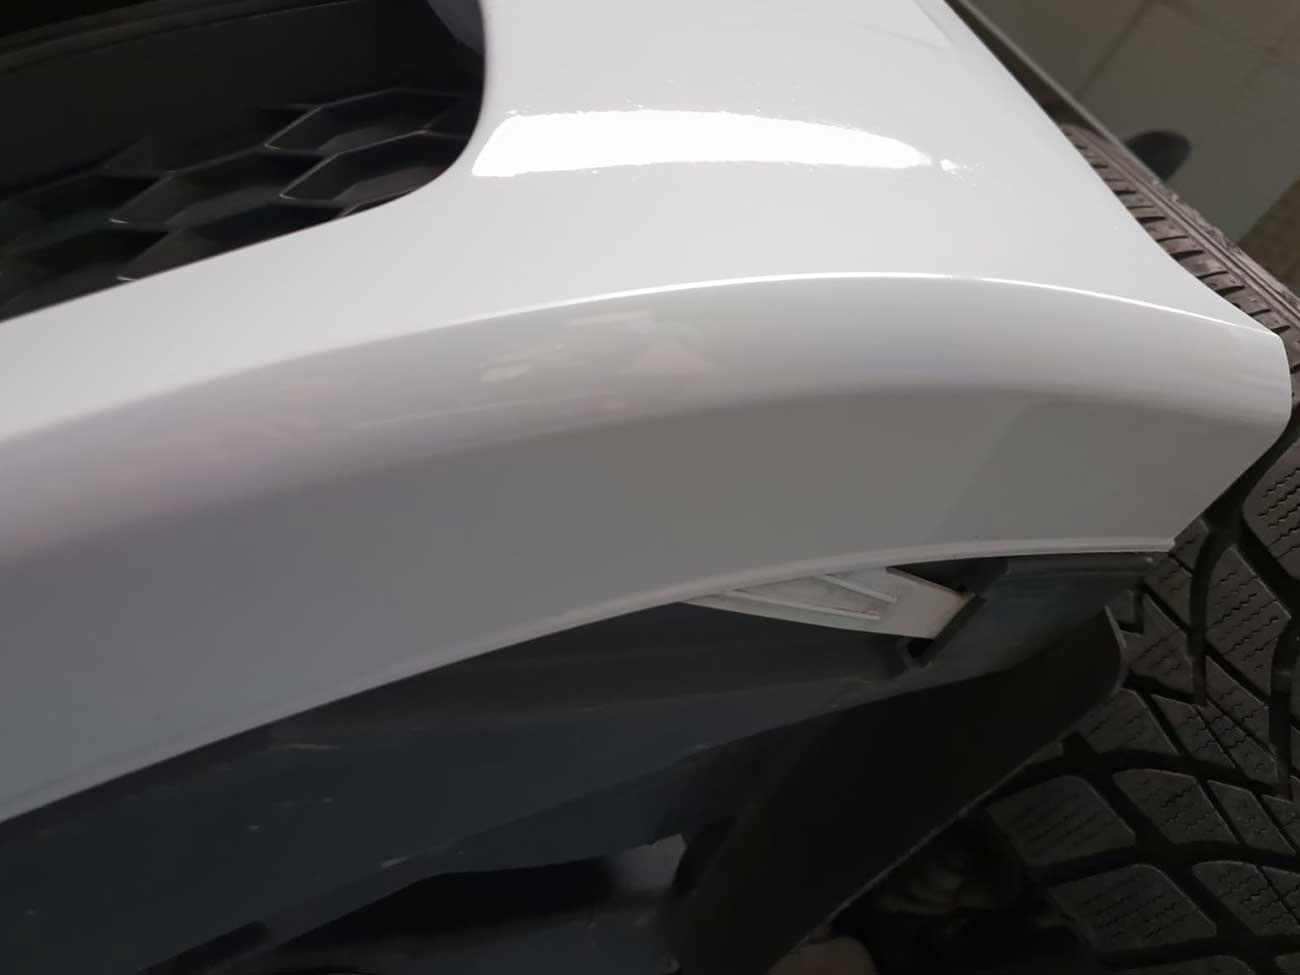 Reparierte Schramme auf Fahrzeugvorderseite- Lackschaden-Reparatur in Kassel- Die Fahrzeug-Ambulanz